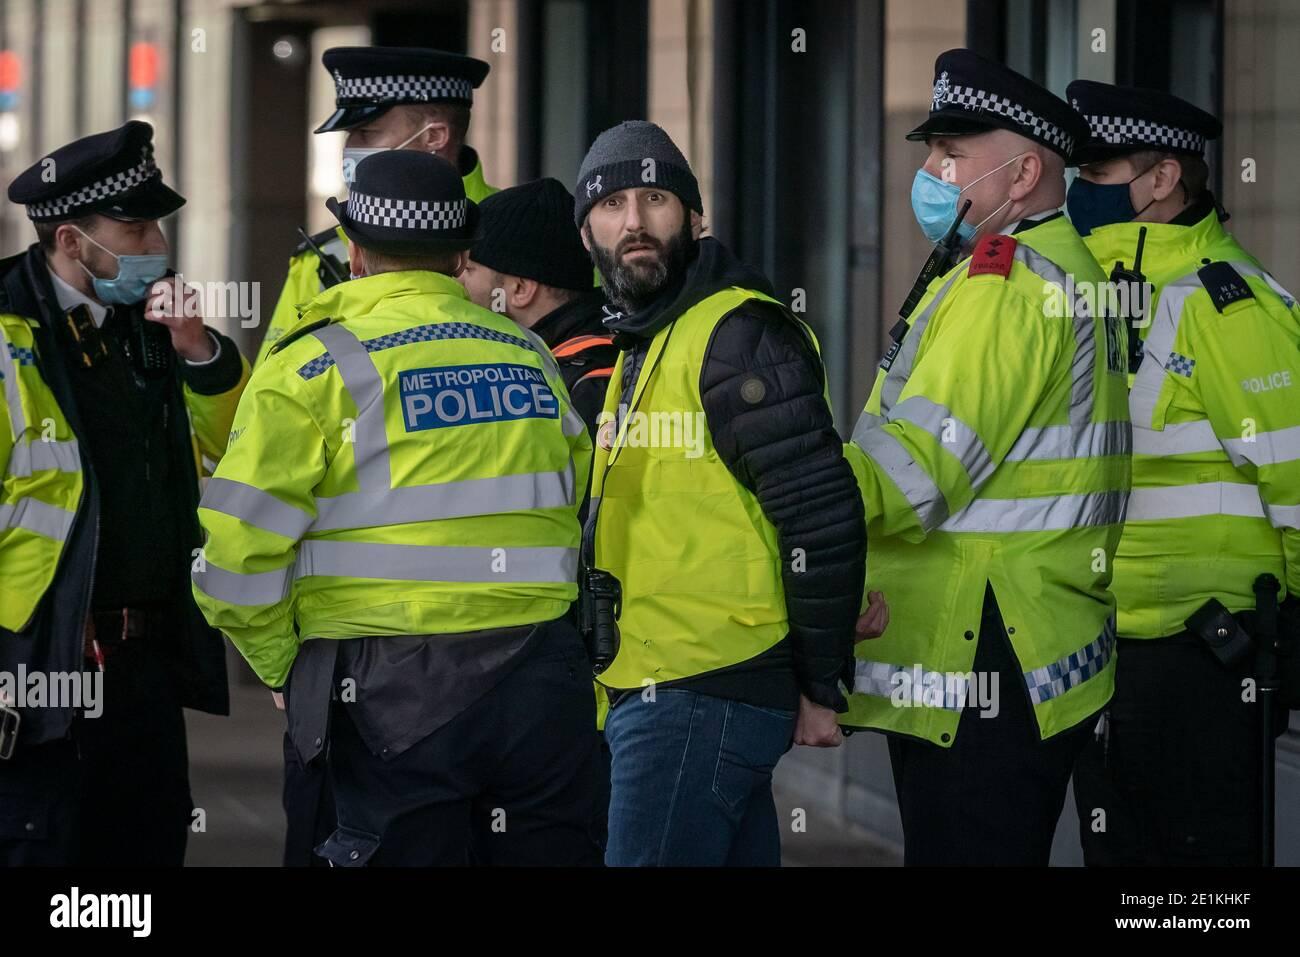 Coronavirus: Gli arresti vengono effettuati durante un tentativo di dimostrazione anti-blocco in Piazza del Parlamento, Londra, contro le attuali restrizioni di blocco. Foto Stock